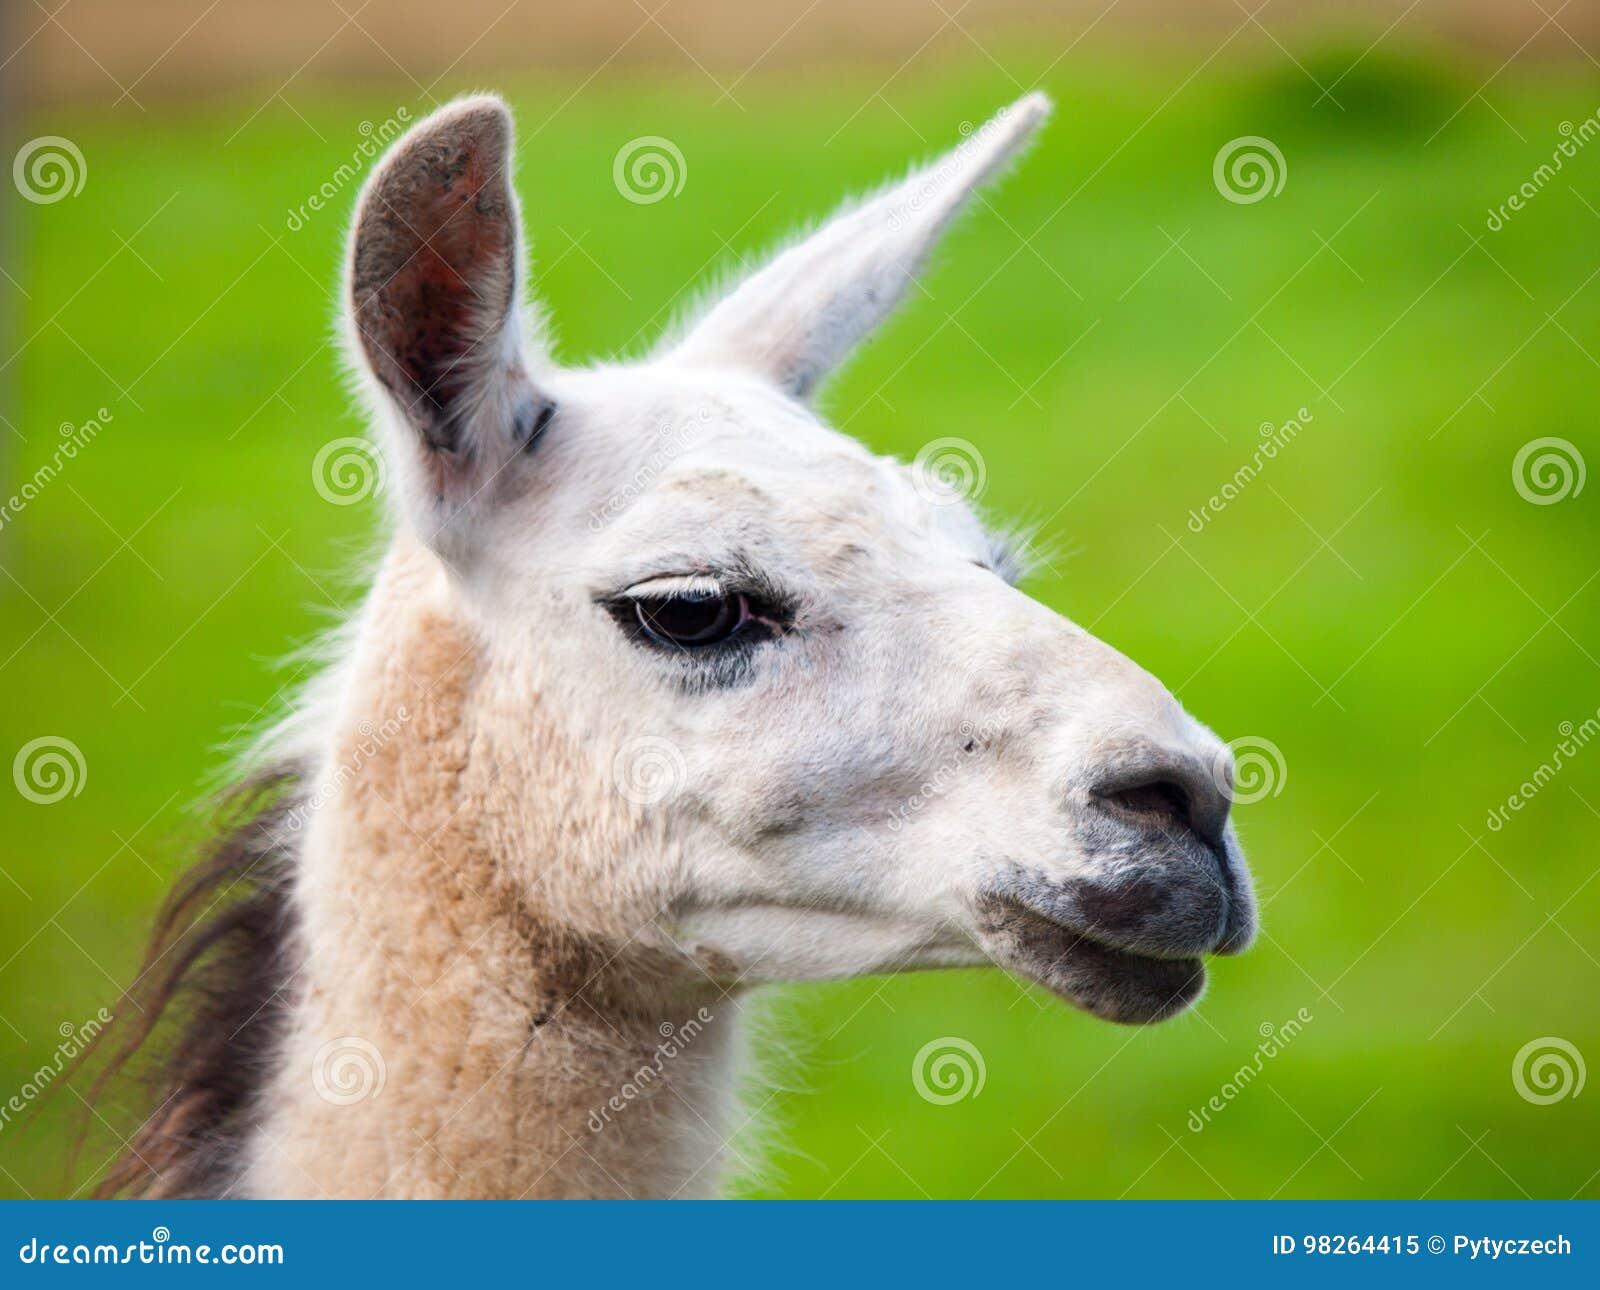 Lama-Porträt Südamerikanisches Säugetier Großaufnahme mit Hintergrund des grünen Grases